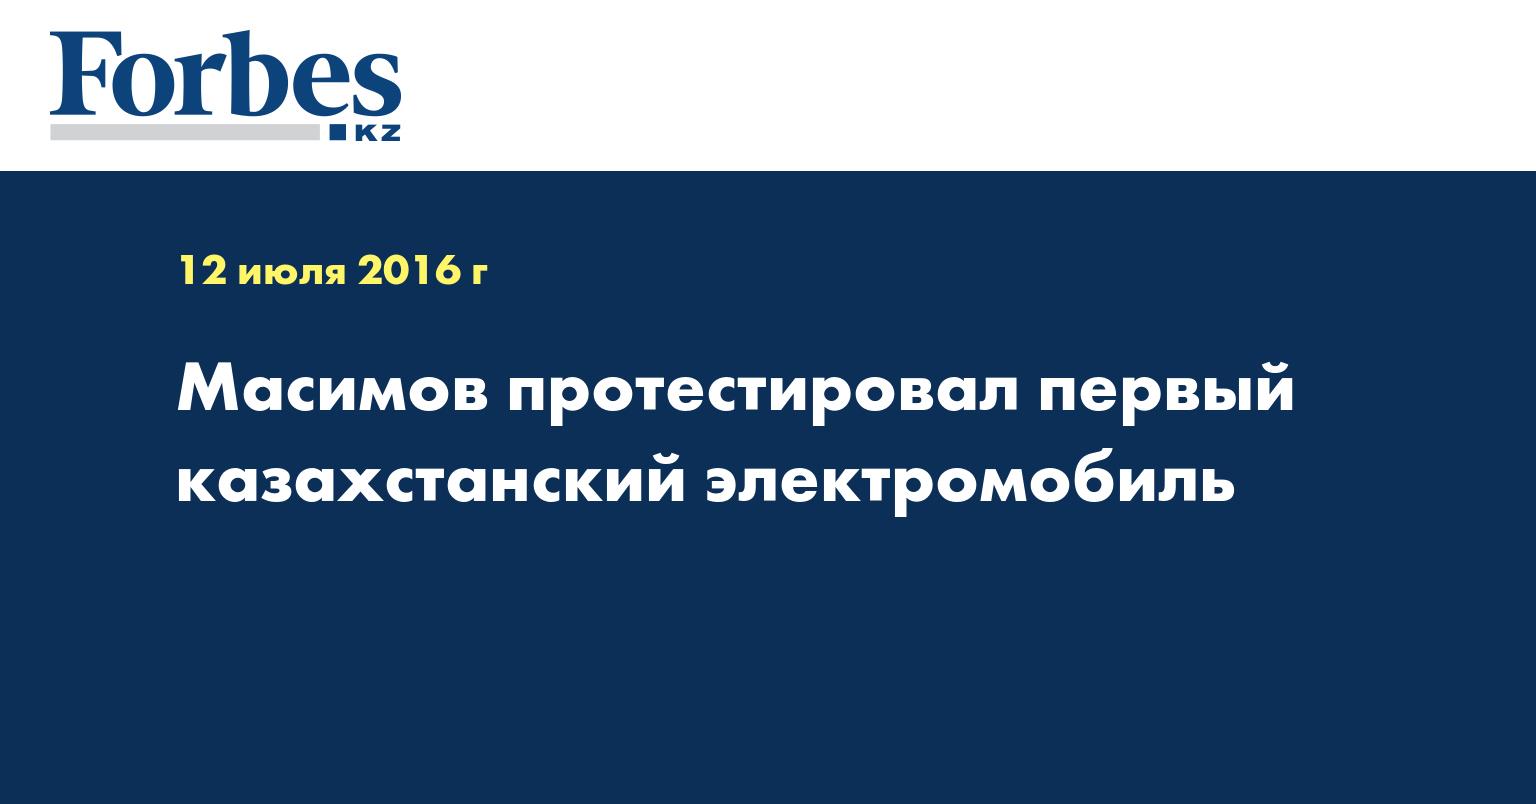 Масимов протестировал первый казахстанский электромобиль